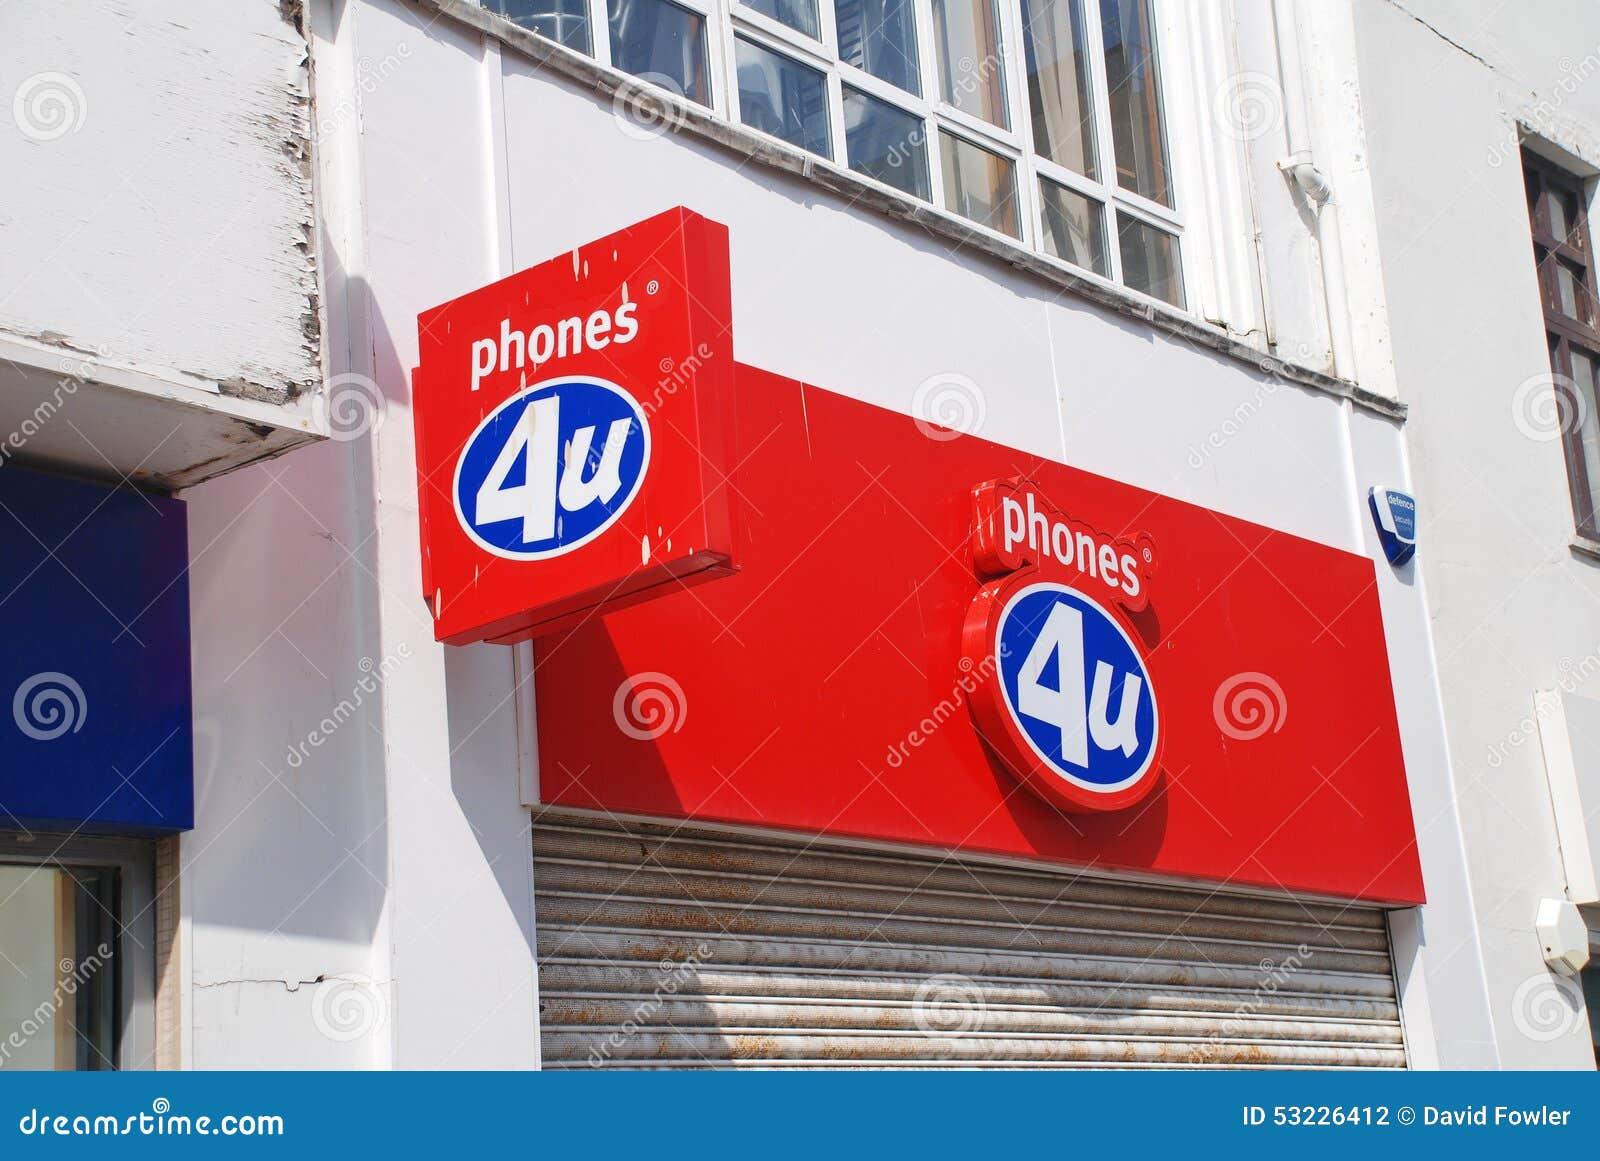 Tienda de los teléfonos 4U